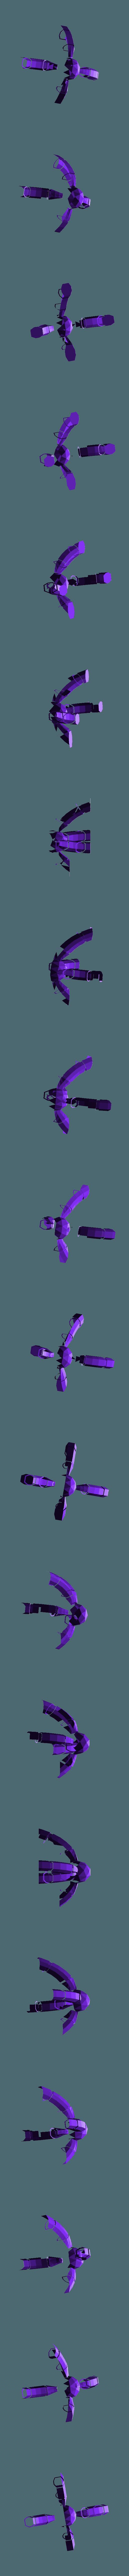 Shoulder_rt_1.stl Download free STL file Serap-ta-tek BMF walker for Iron Undead • 3D printer model, JtStrait72